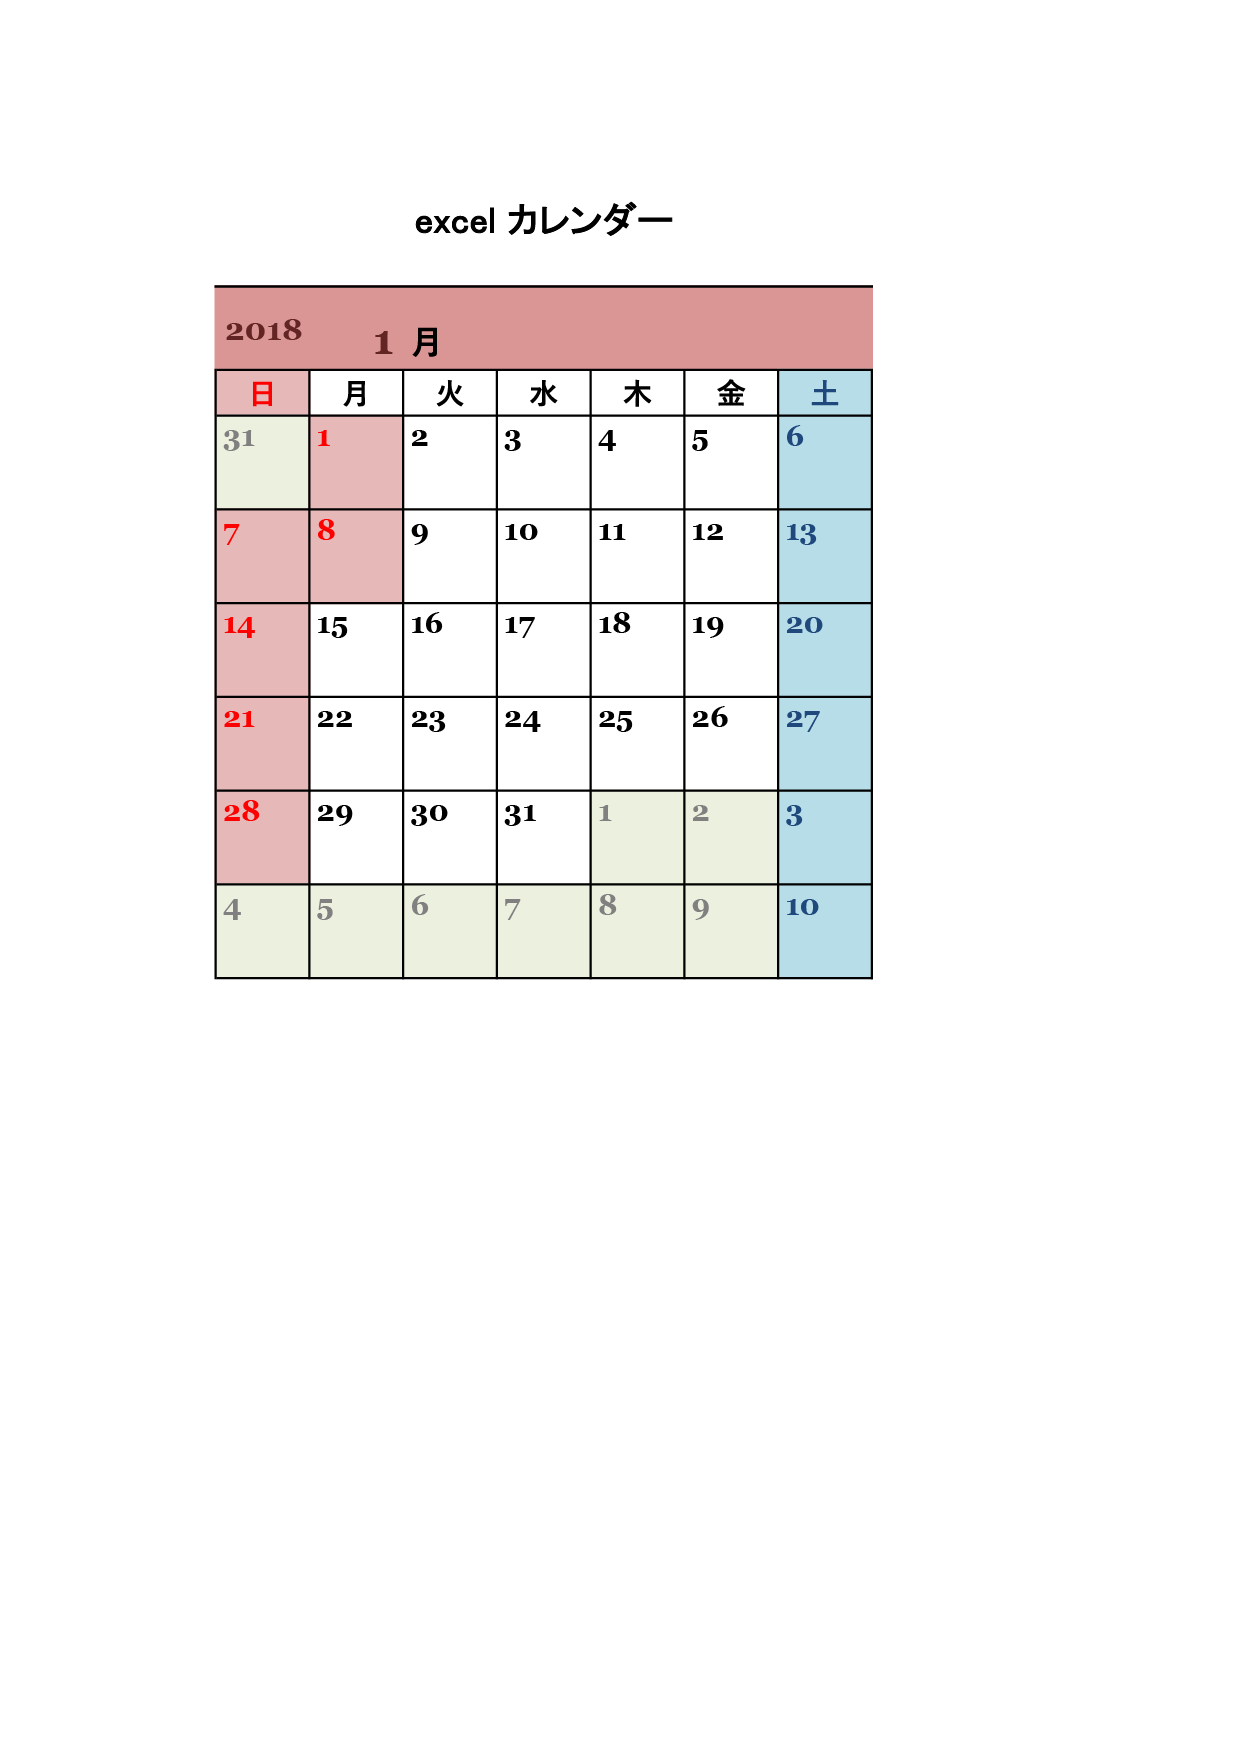 Excelカレンダーのテンプレート日付、祝日の自動切り替え(エクセル)